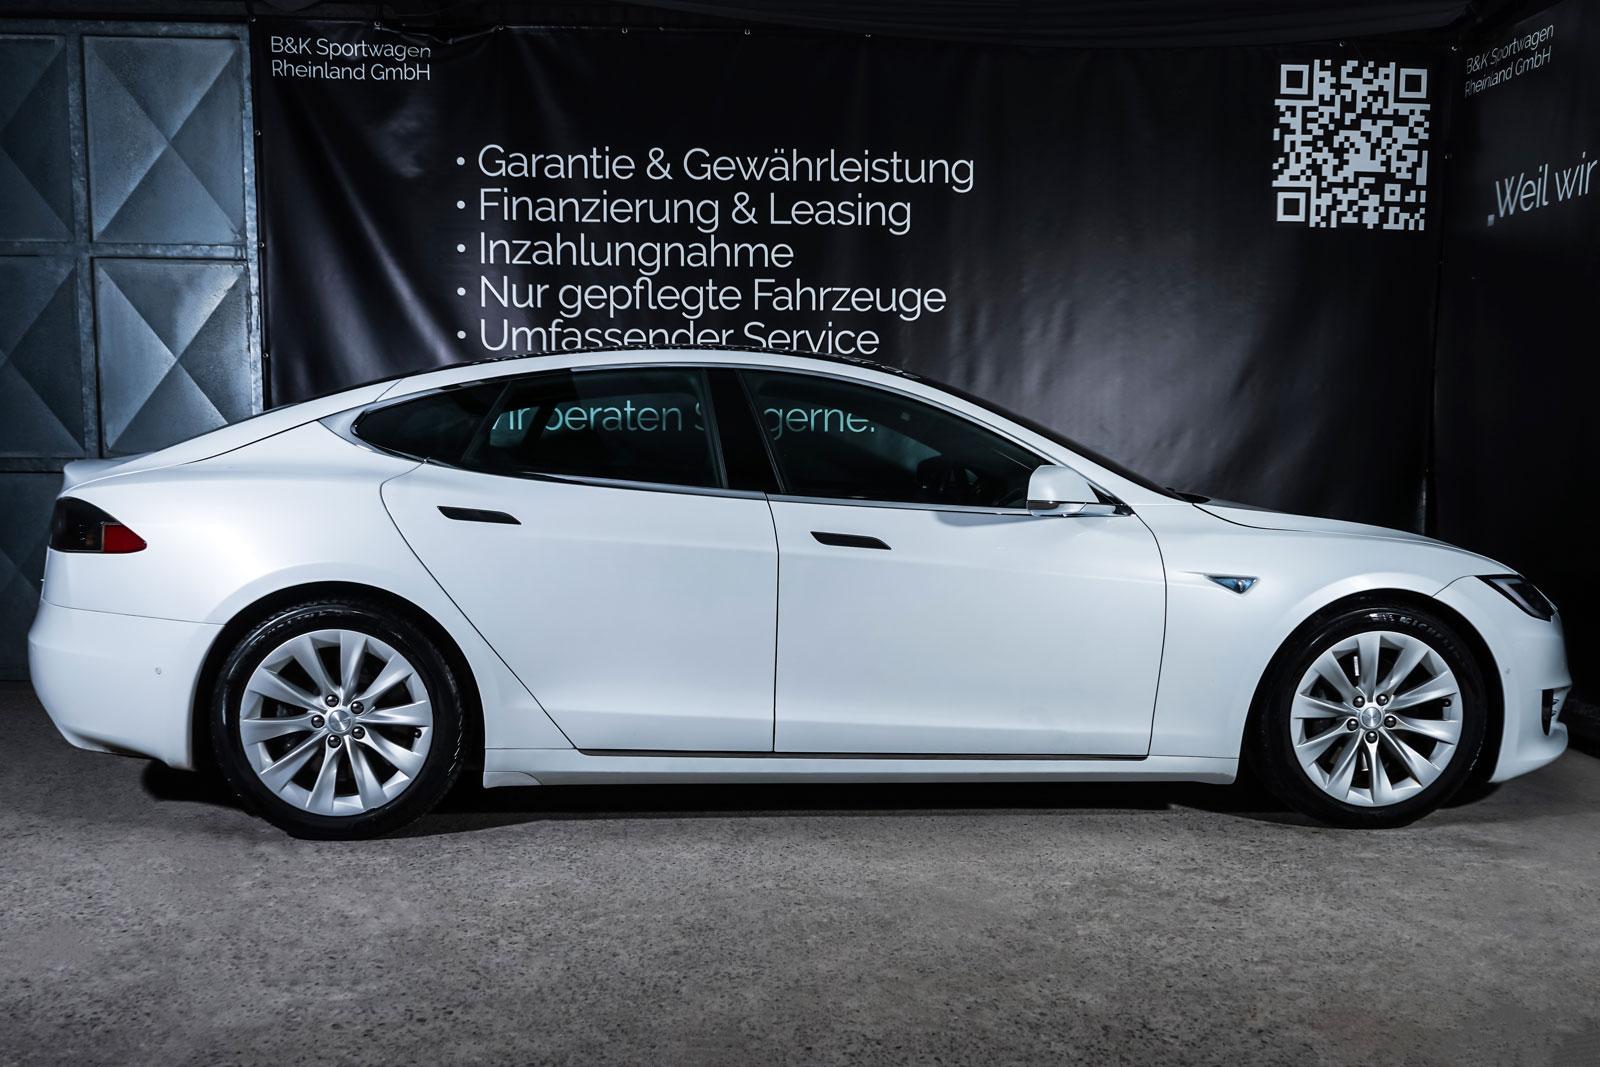 Tesla_ModelS_90D_Weiß_Schwarz_TES-0714_15_w